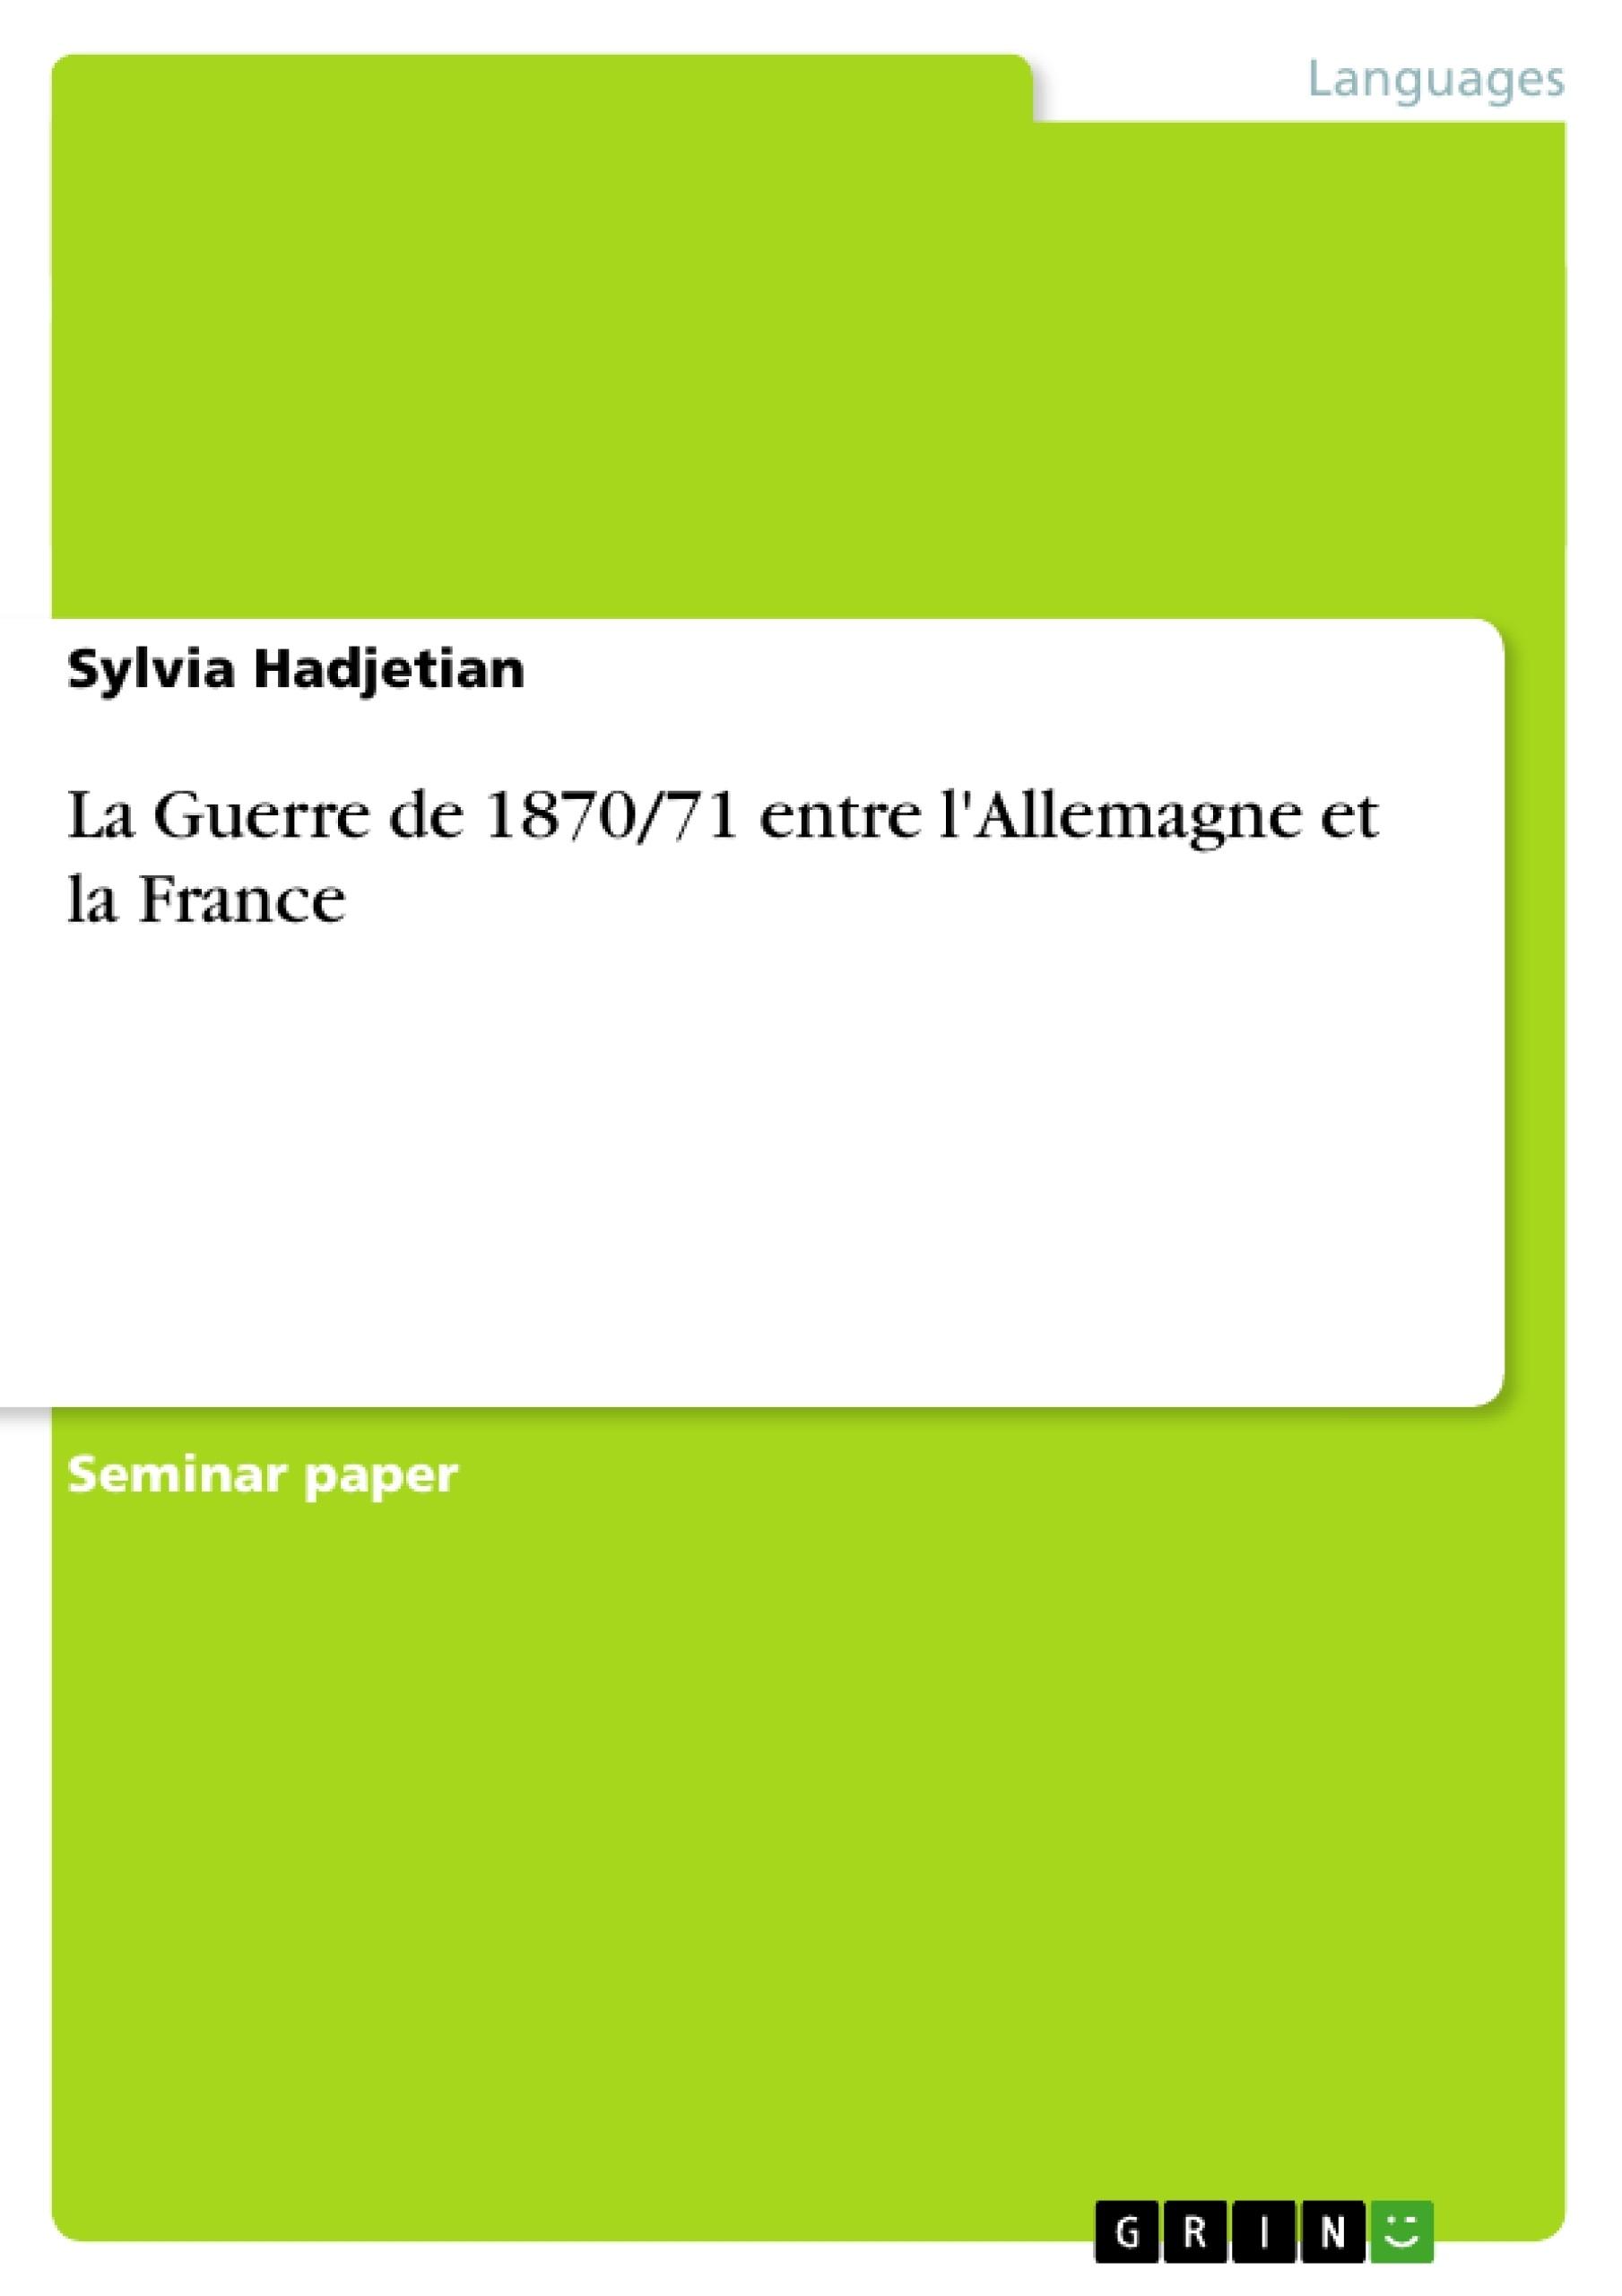 Titre: La Guerre de 1870/71 entre l'Allemagne et la France